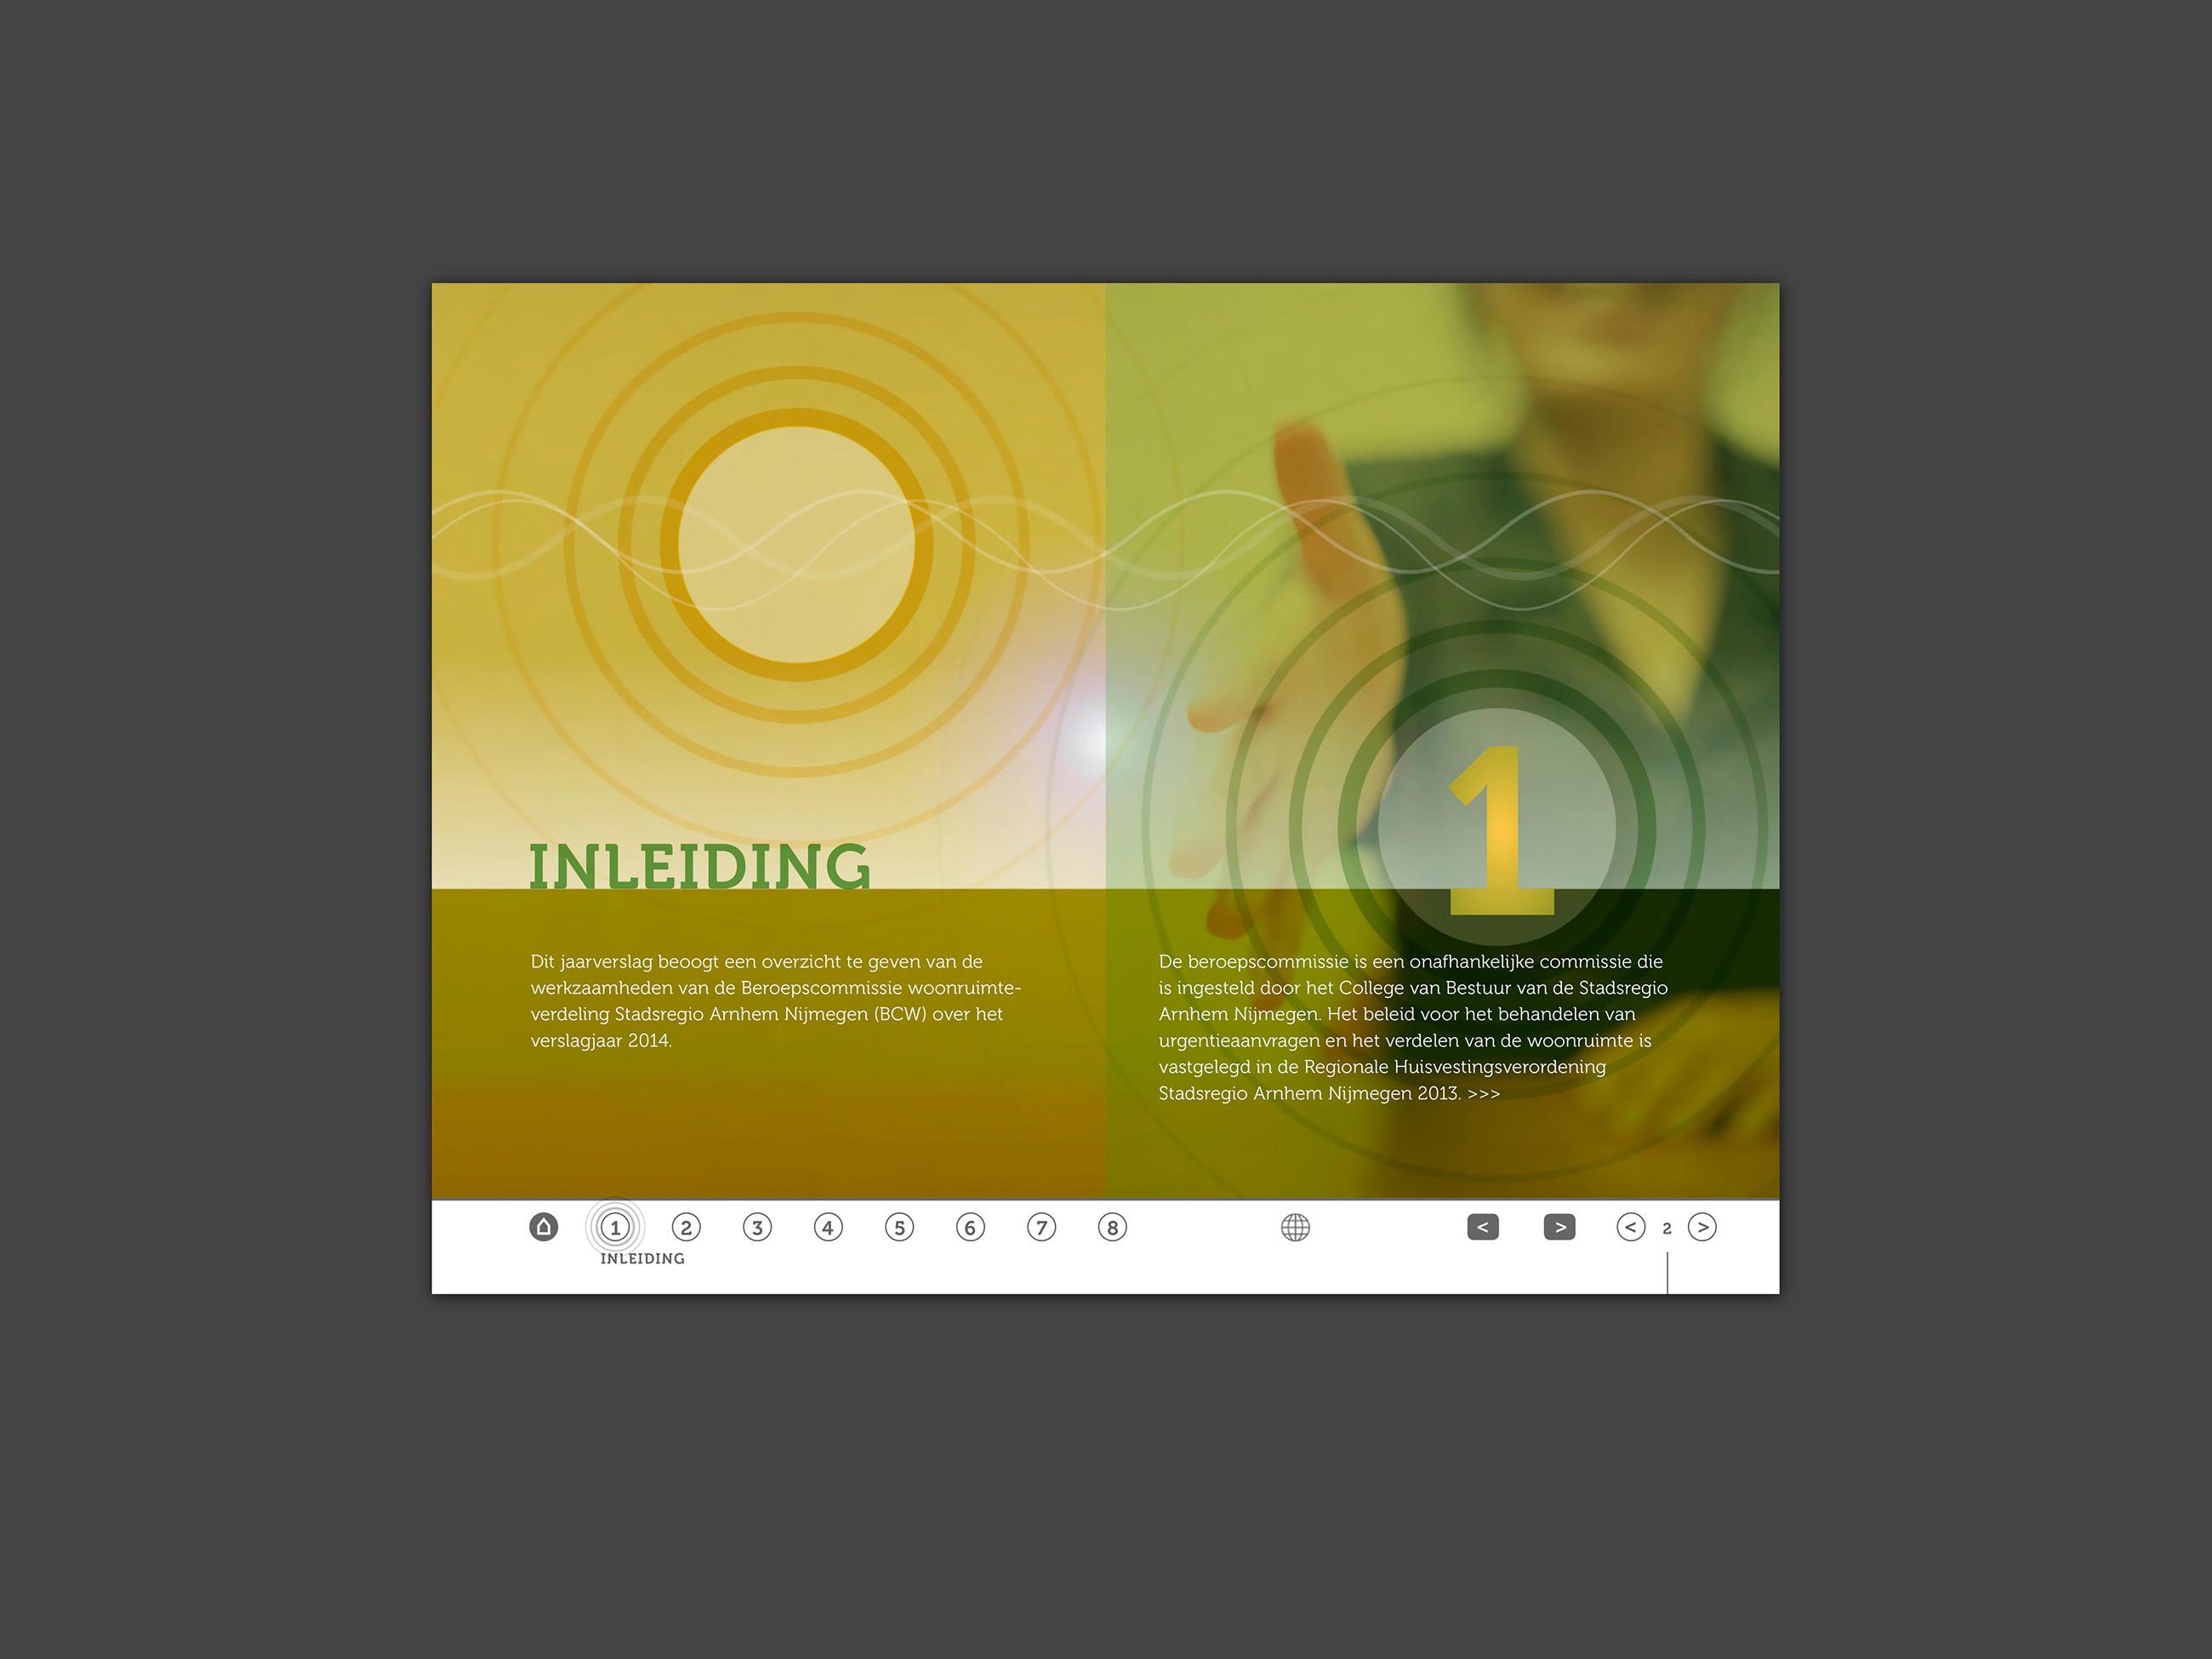 Interactieve pdf, jaarverslag, Beroepscommissie Stadsregio Arnhem Nijmegen, Grafisch ontwerp Neo & Co